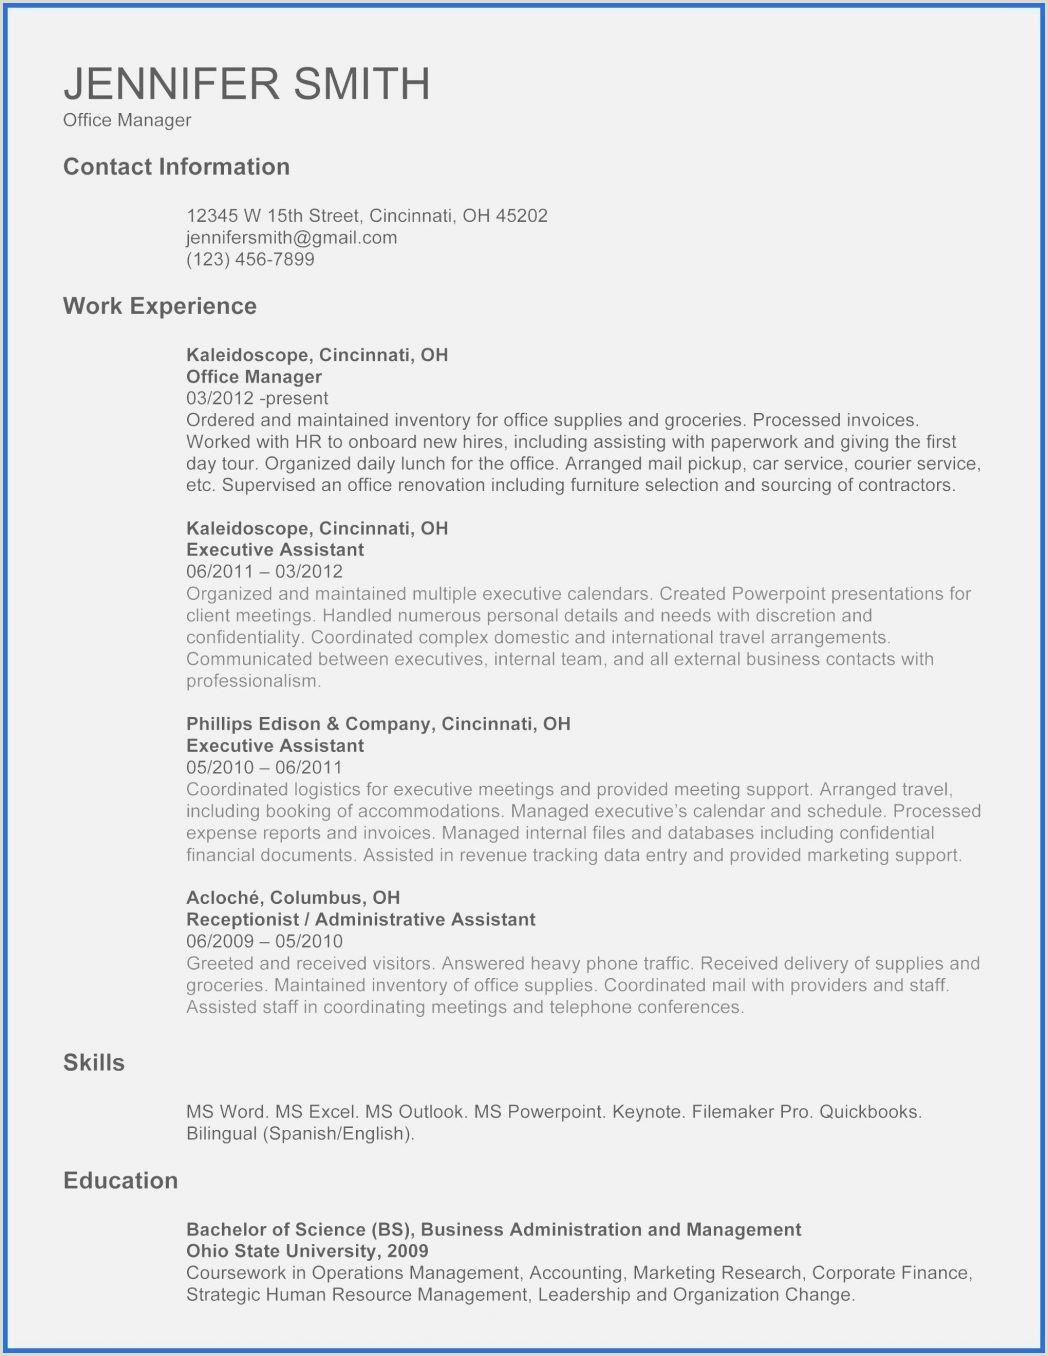 Lebenslauf Muster Einzelhandel Bewerbungsunterlagen Vorlage Word 2010 Salumguilher E for